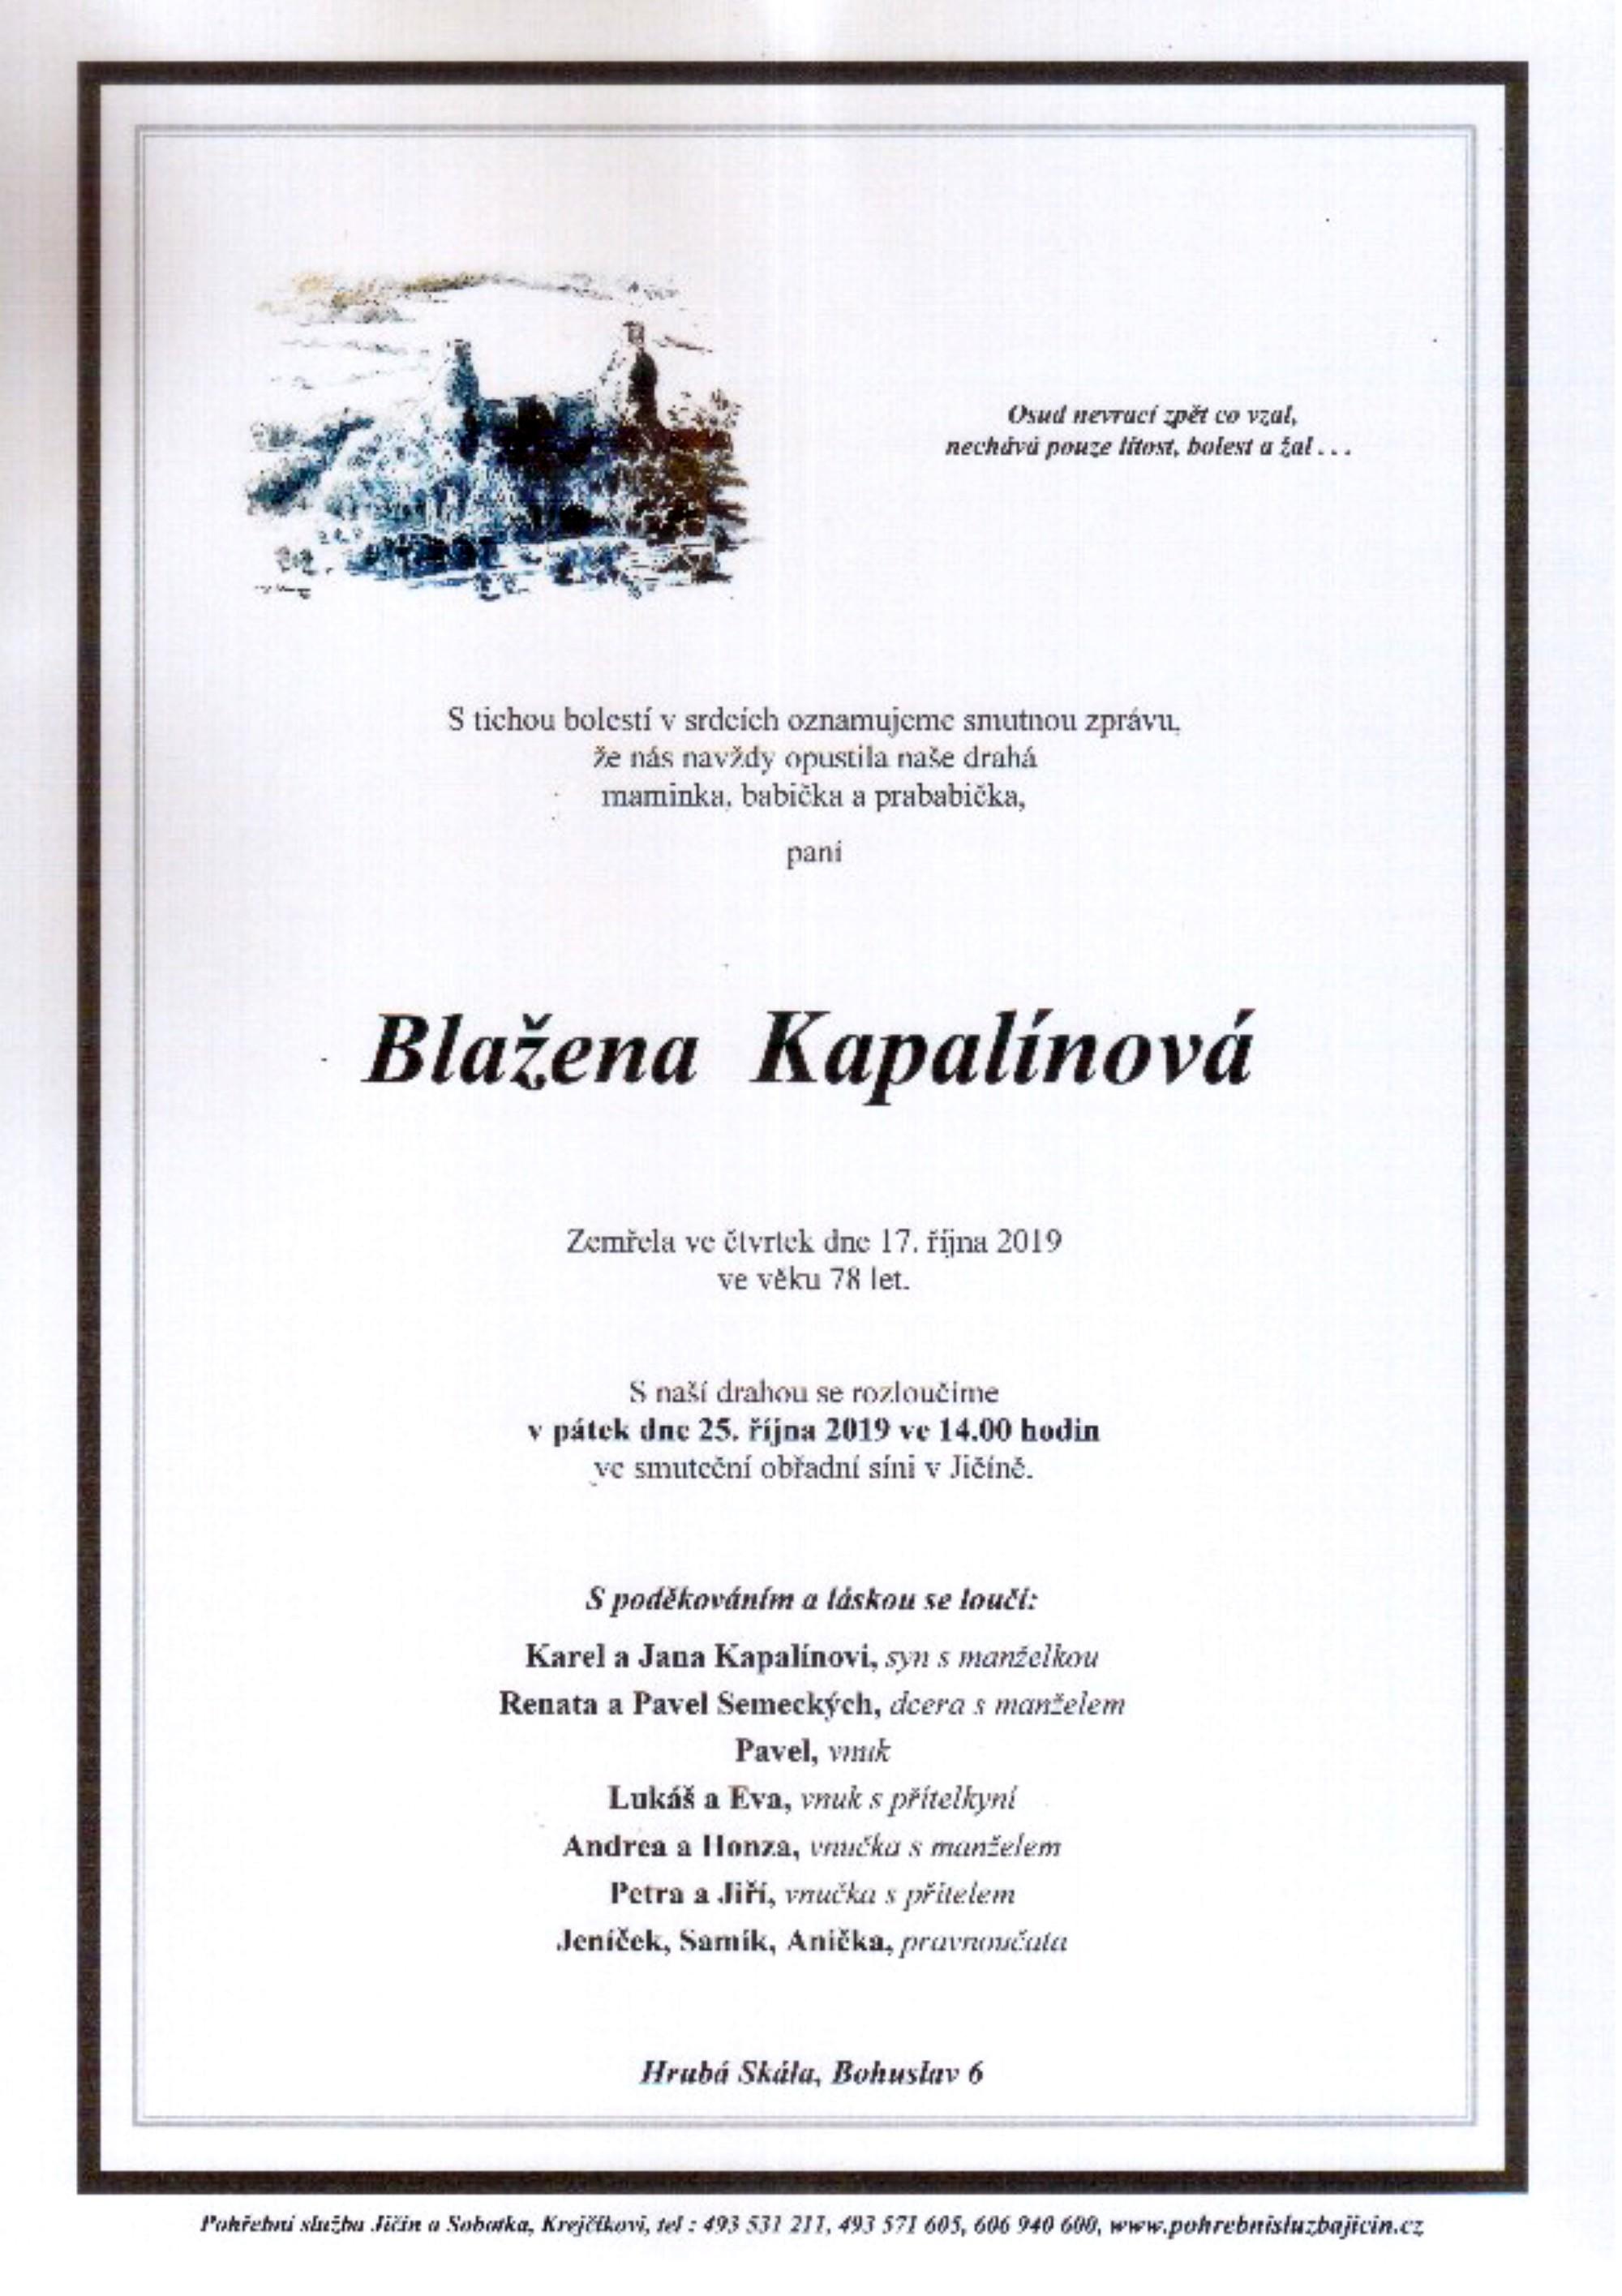 Blažena Kapalínová